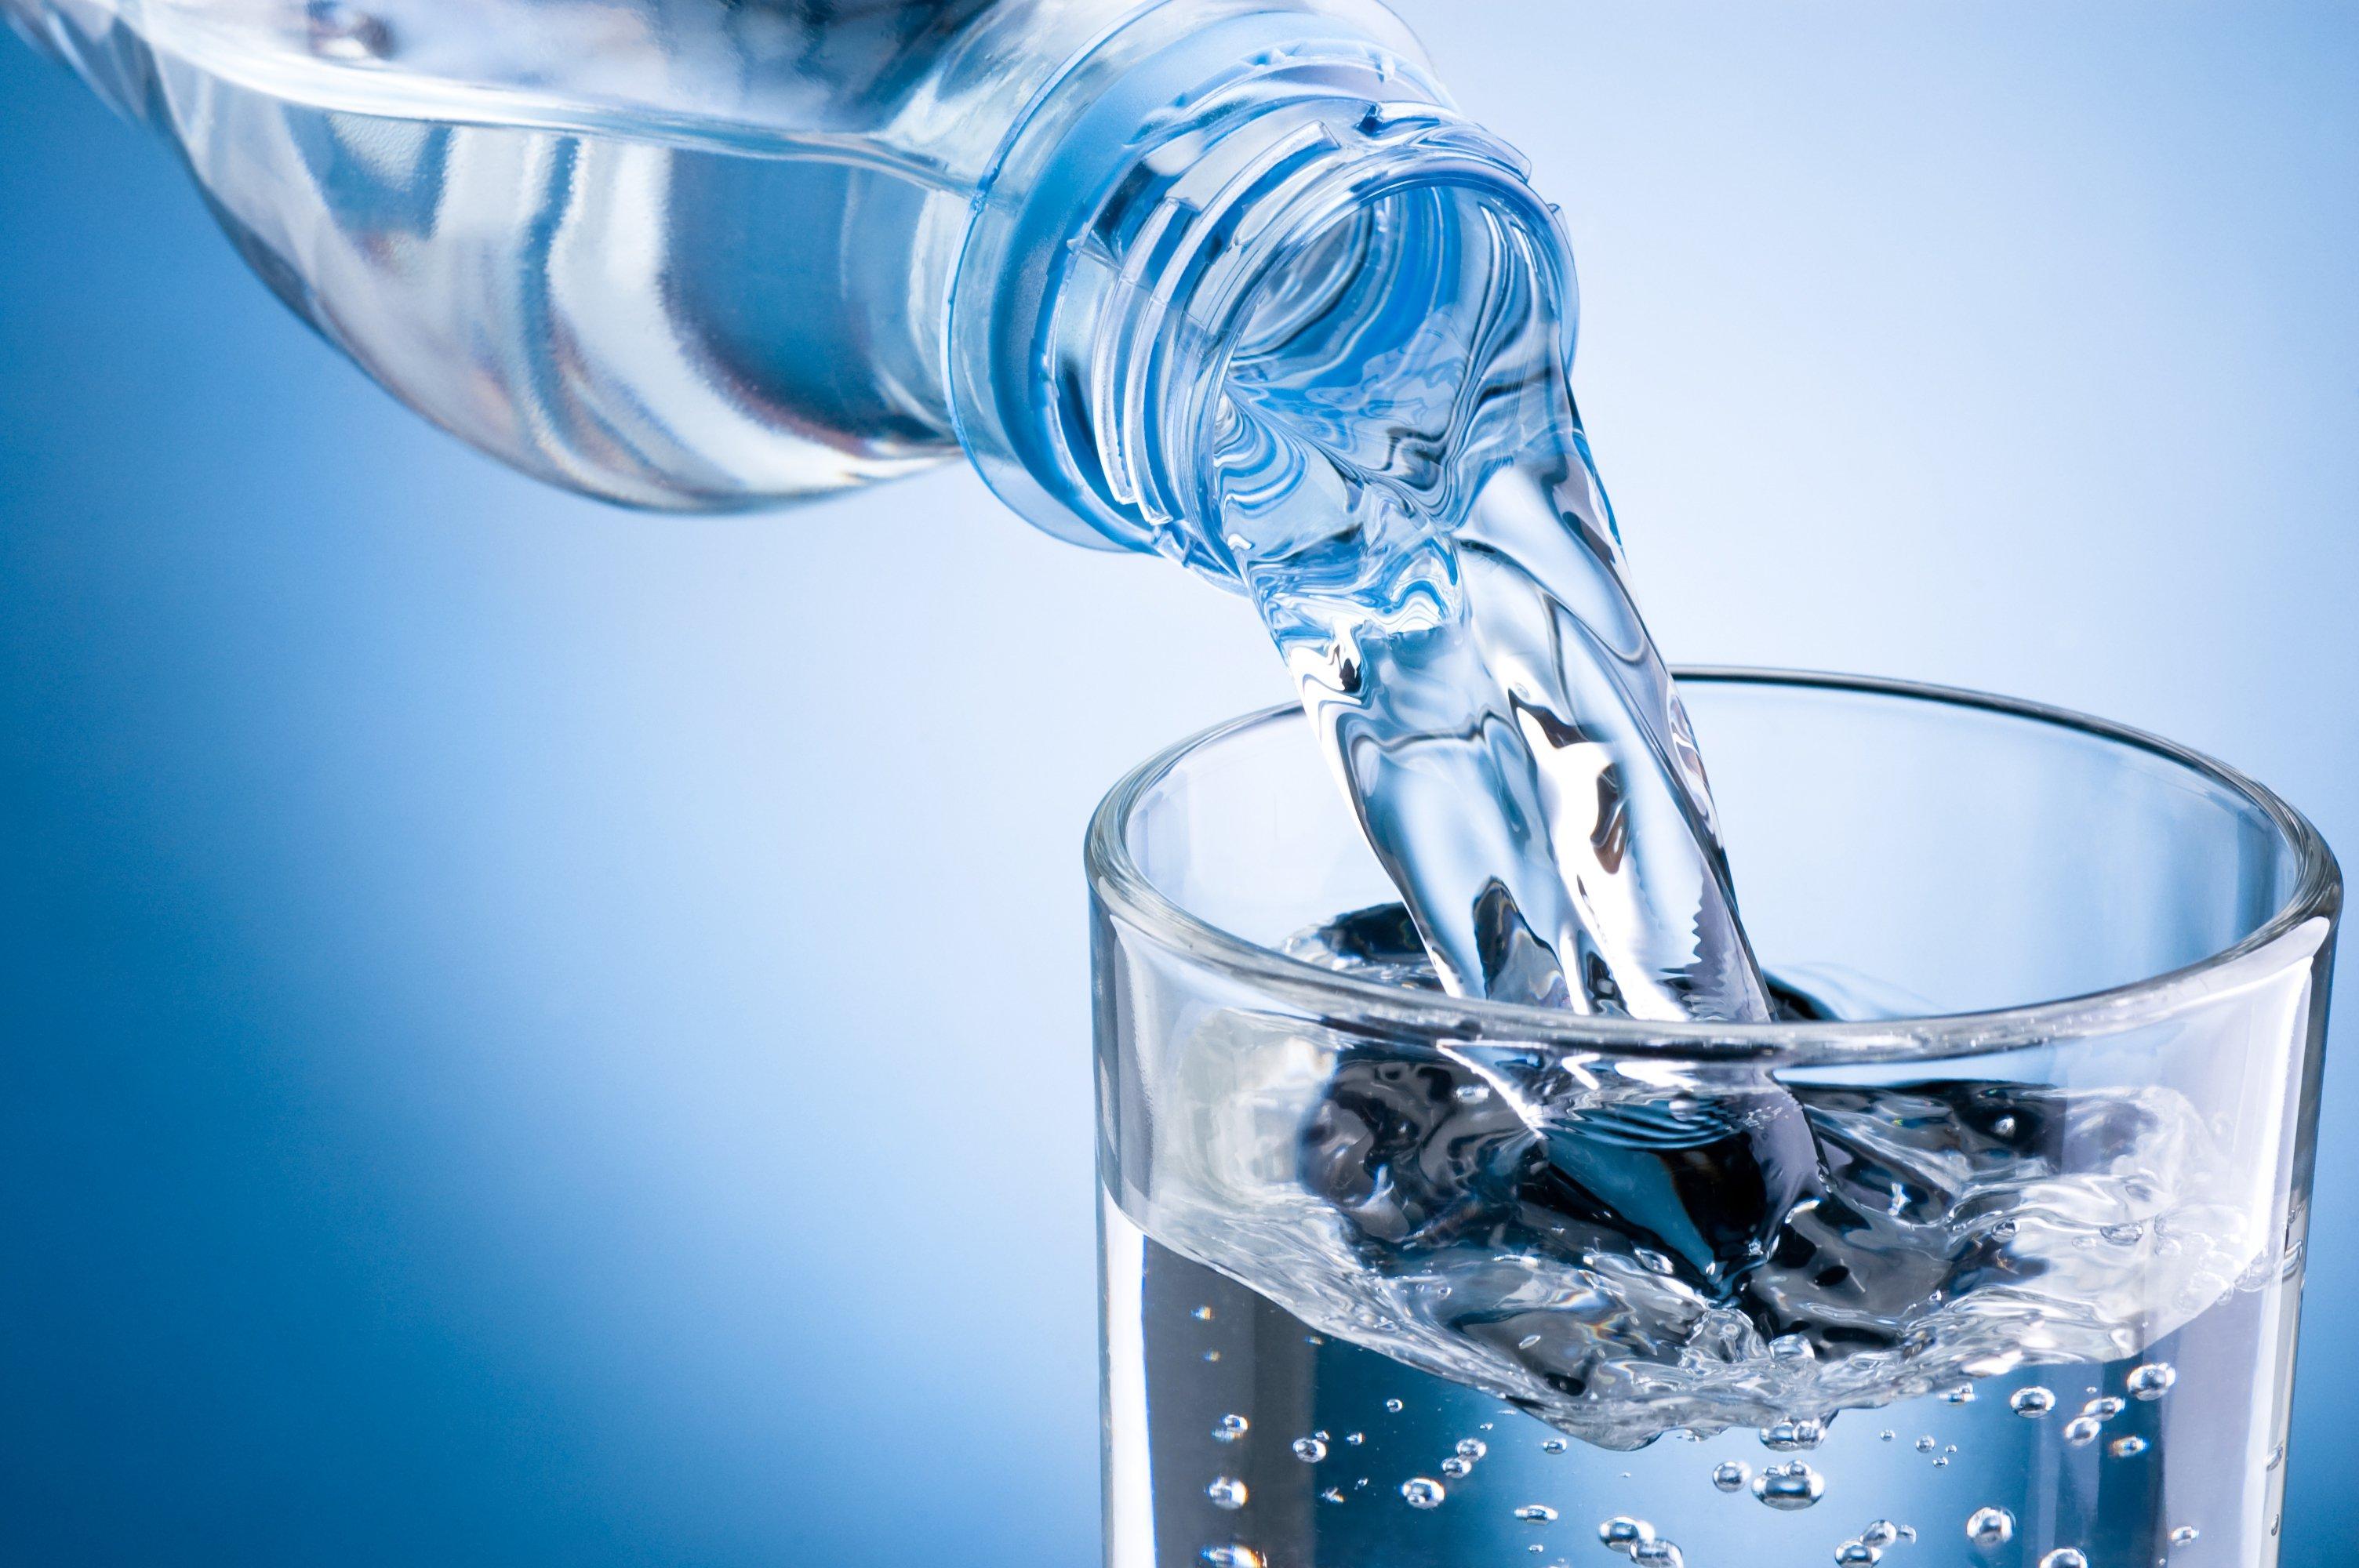 Velhinha: a água que você bebe pode ser mais velha que o próprio sol